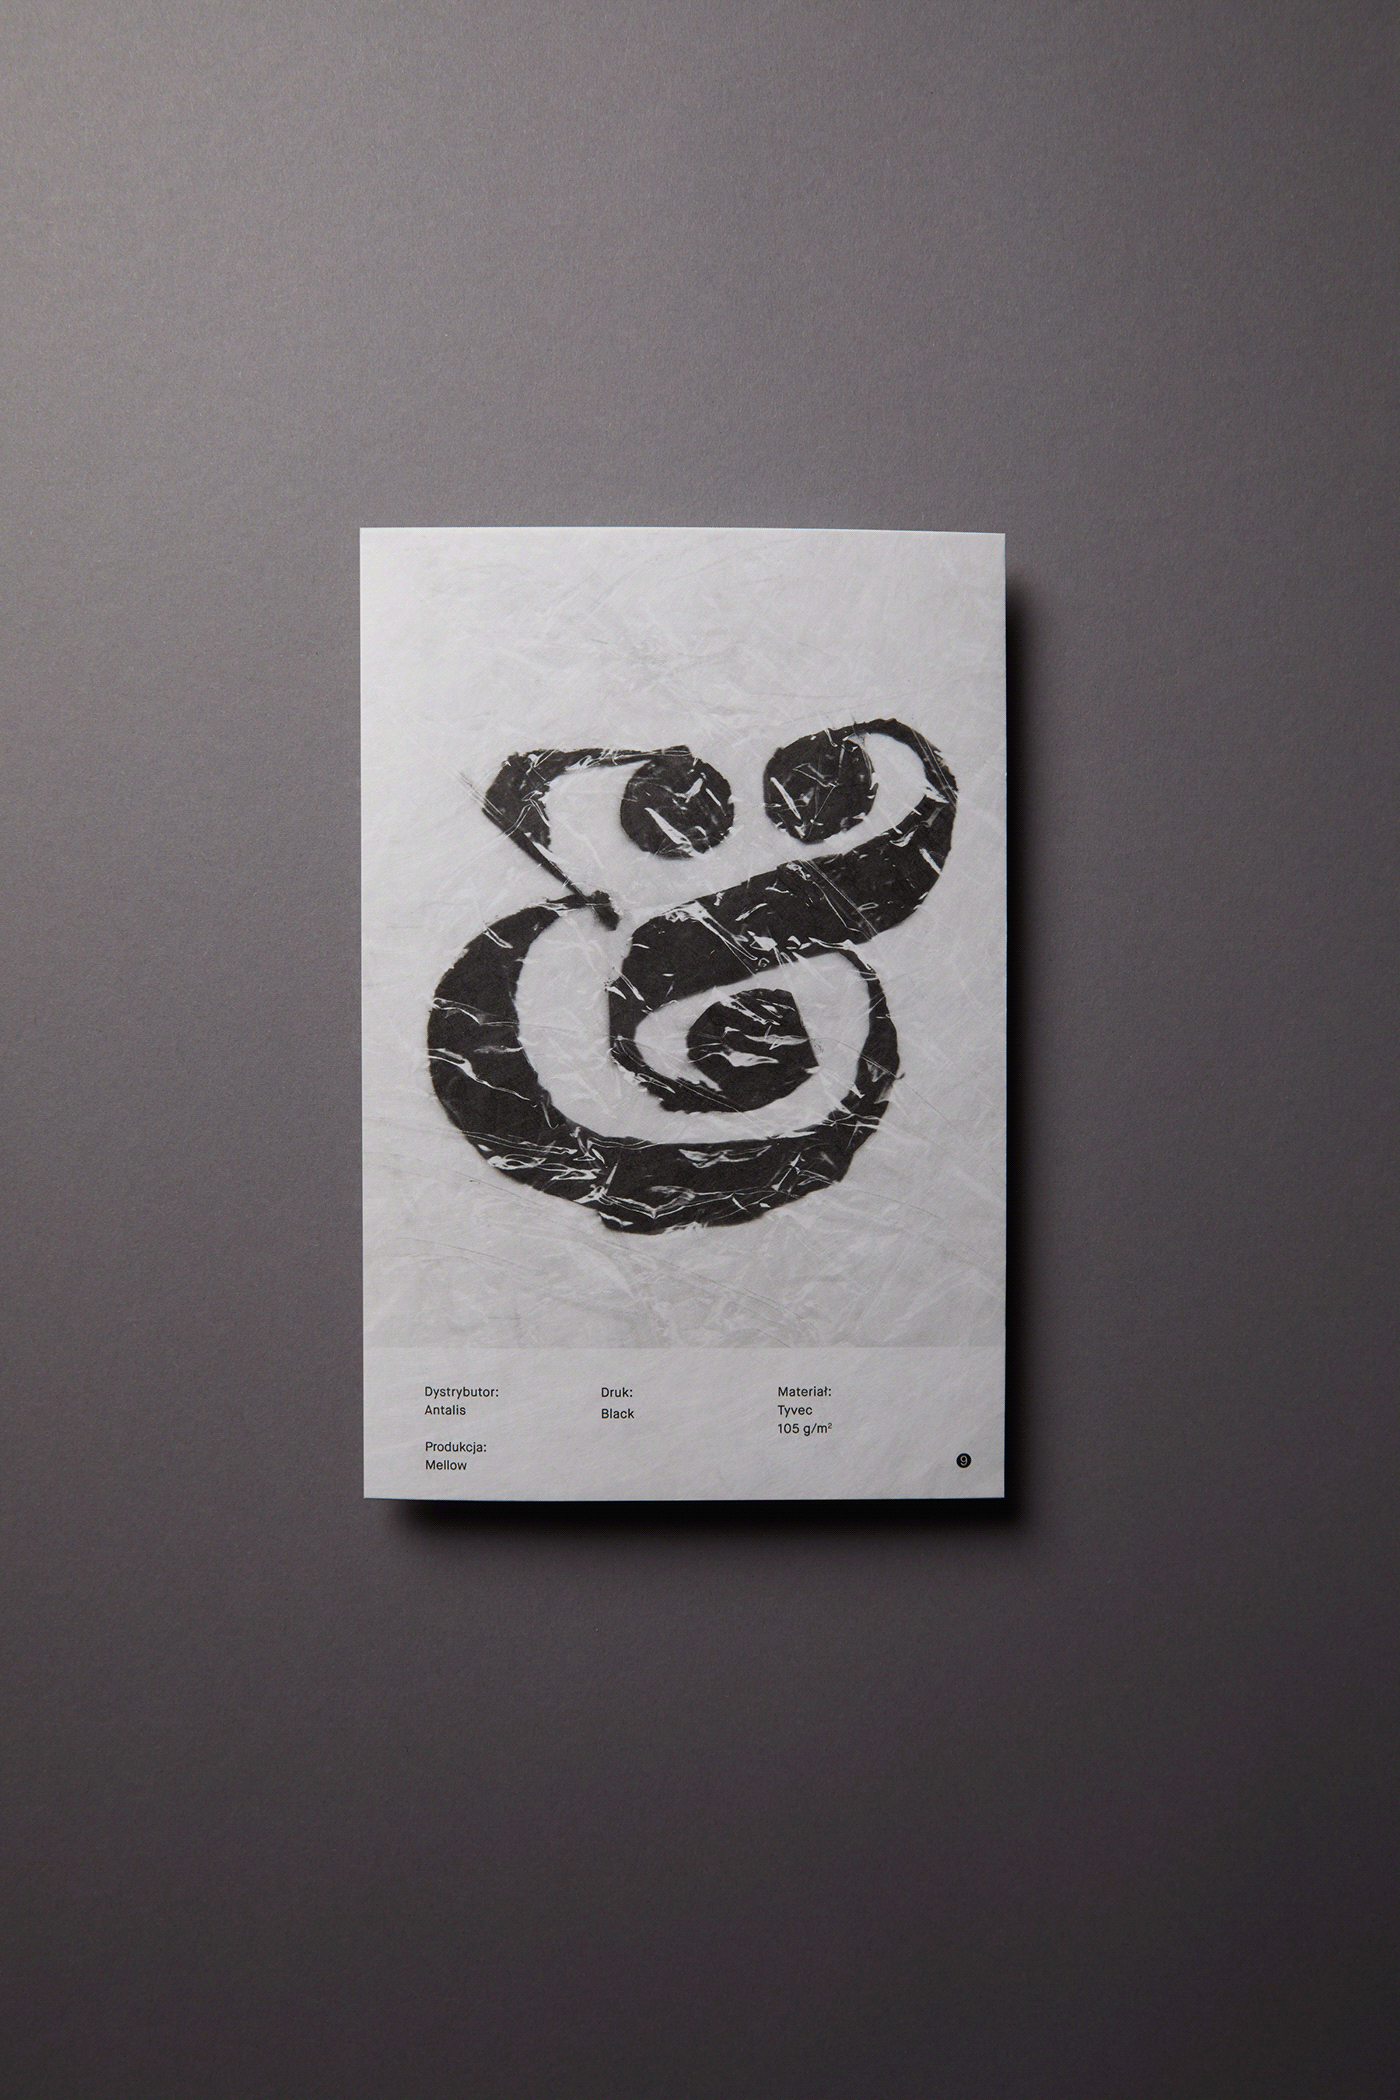 design dtp experiment HPIndigo ILLUSTRATION  Layout paper print printbook printshop